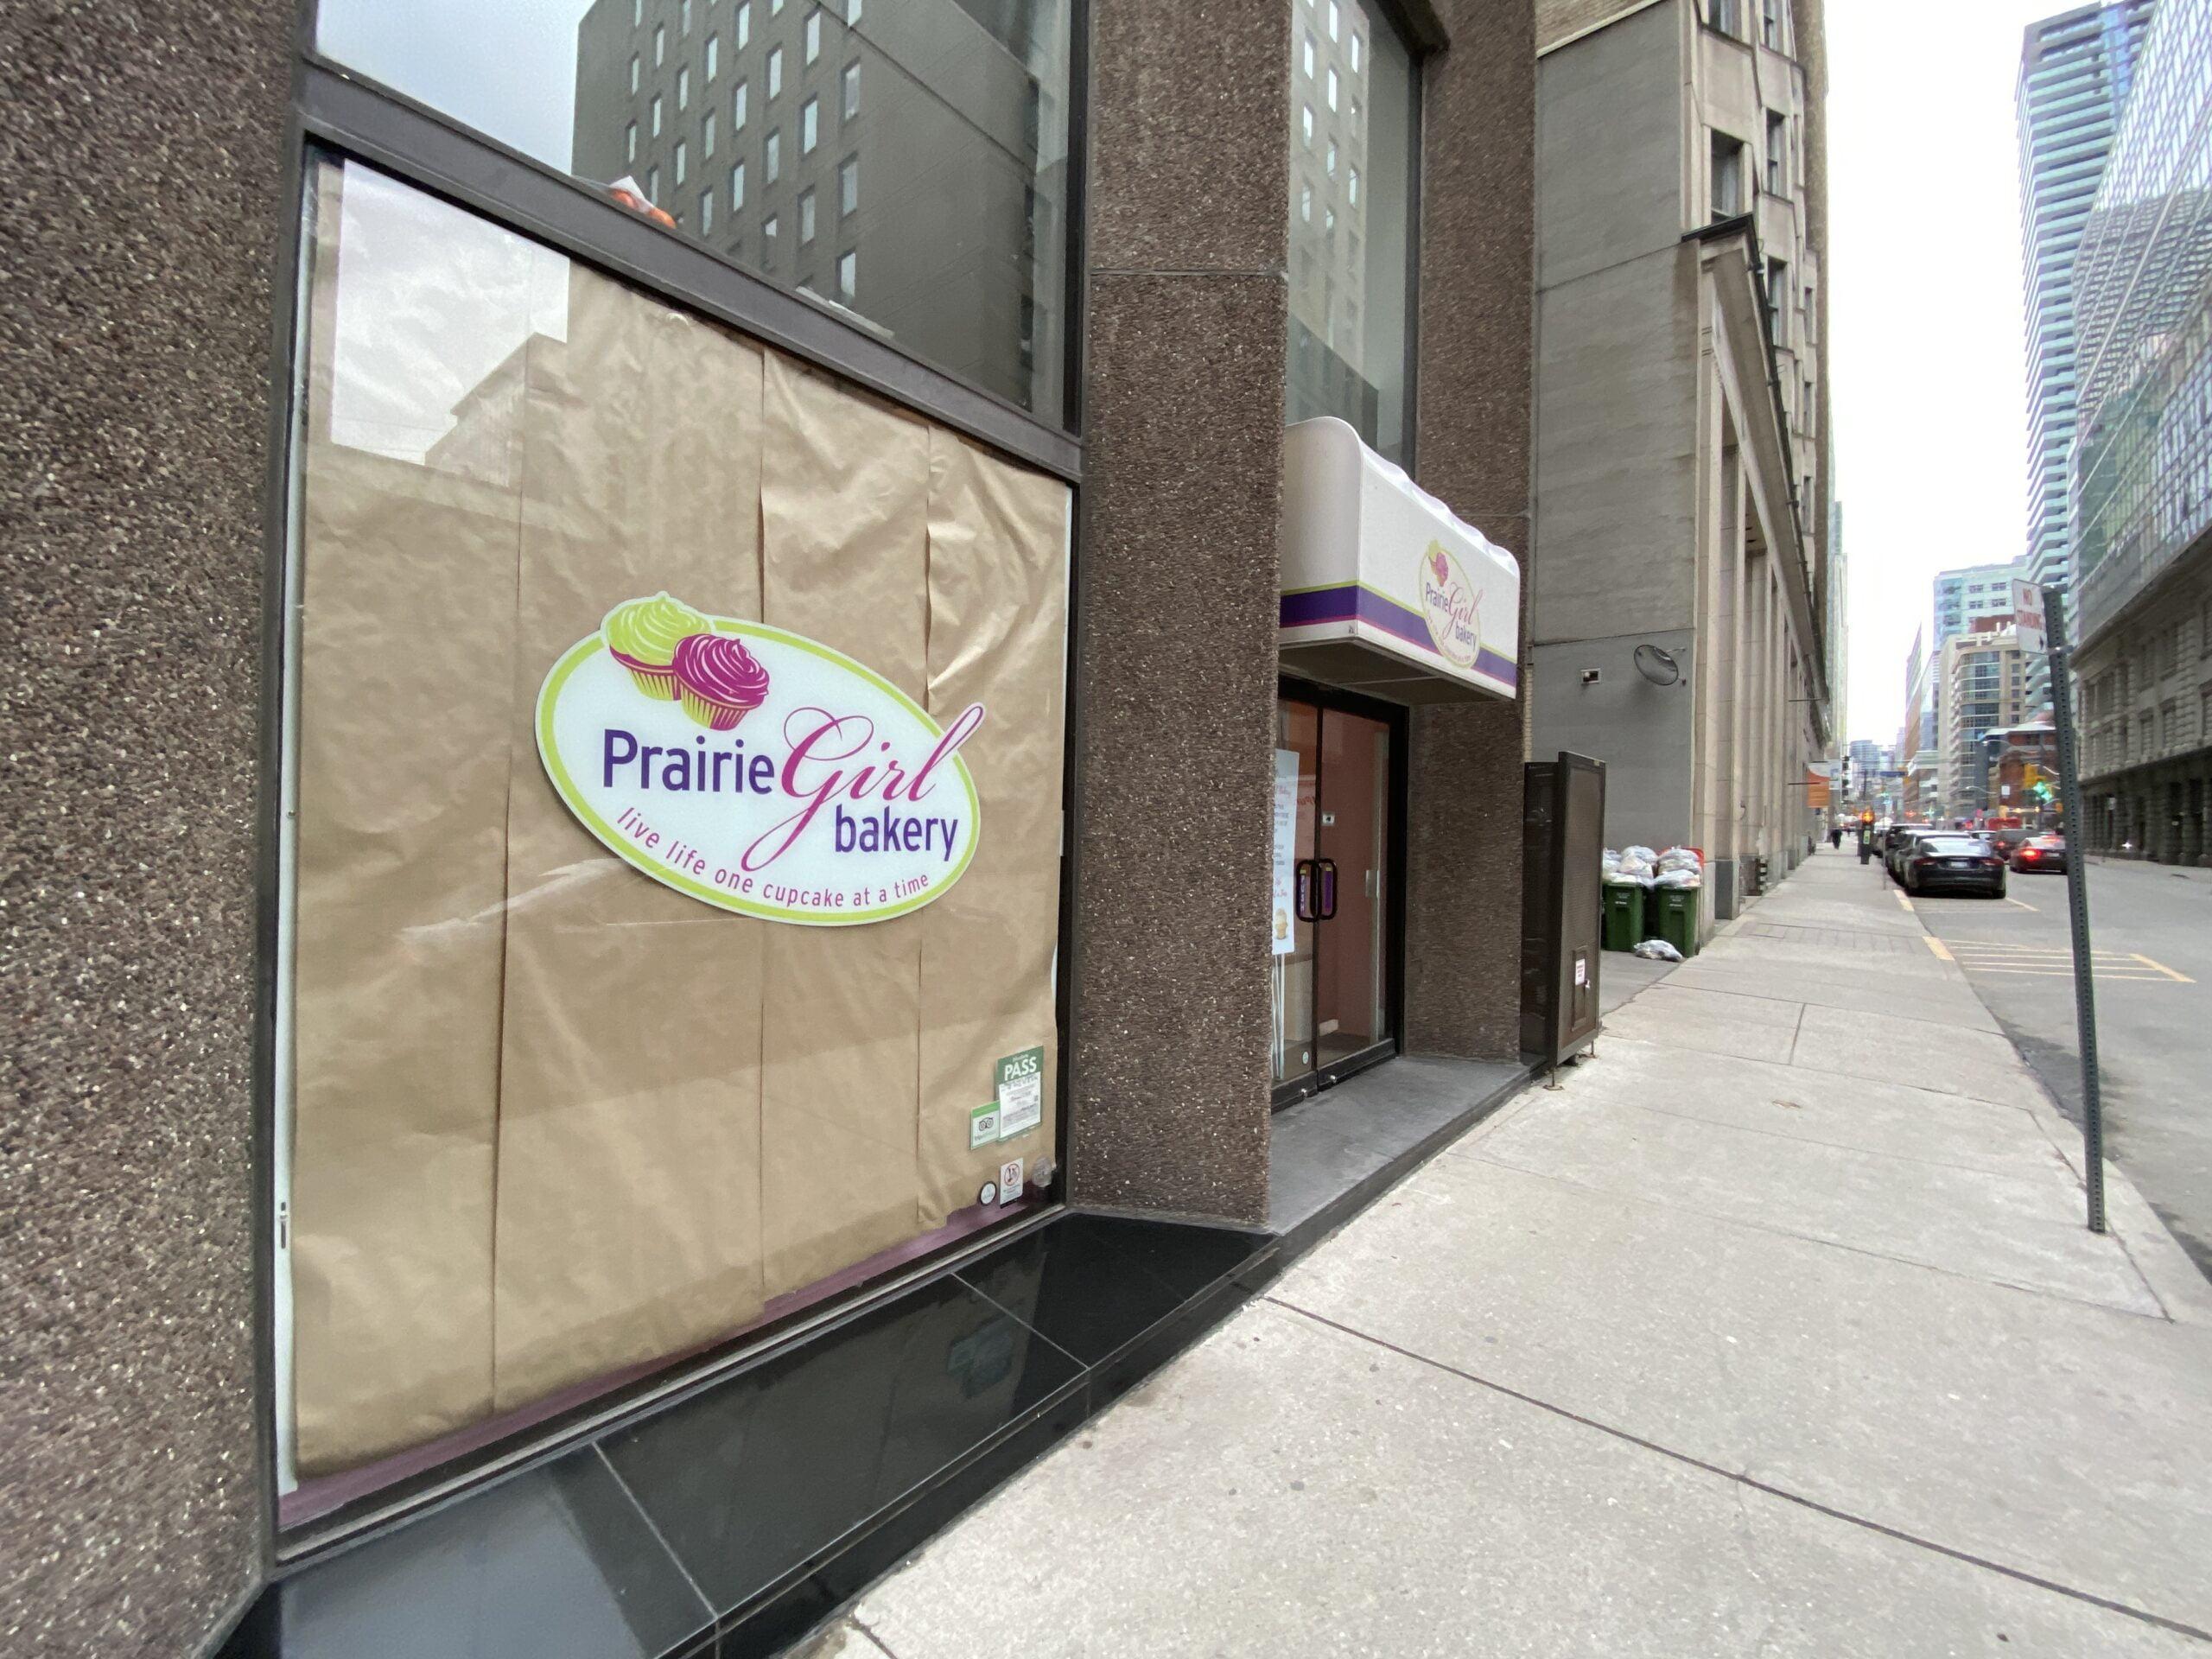 Shuttered Prairie Girl Bakery in Toronto. Photo: Dustin Fuhs